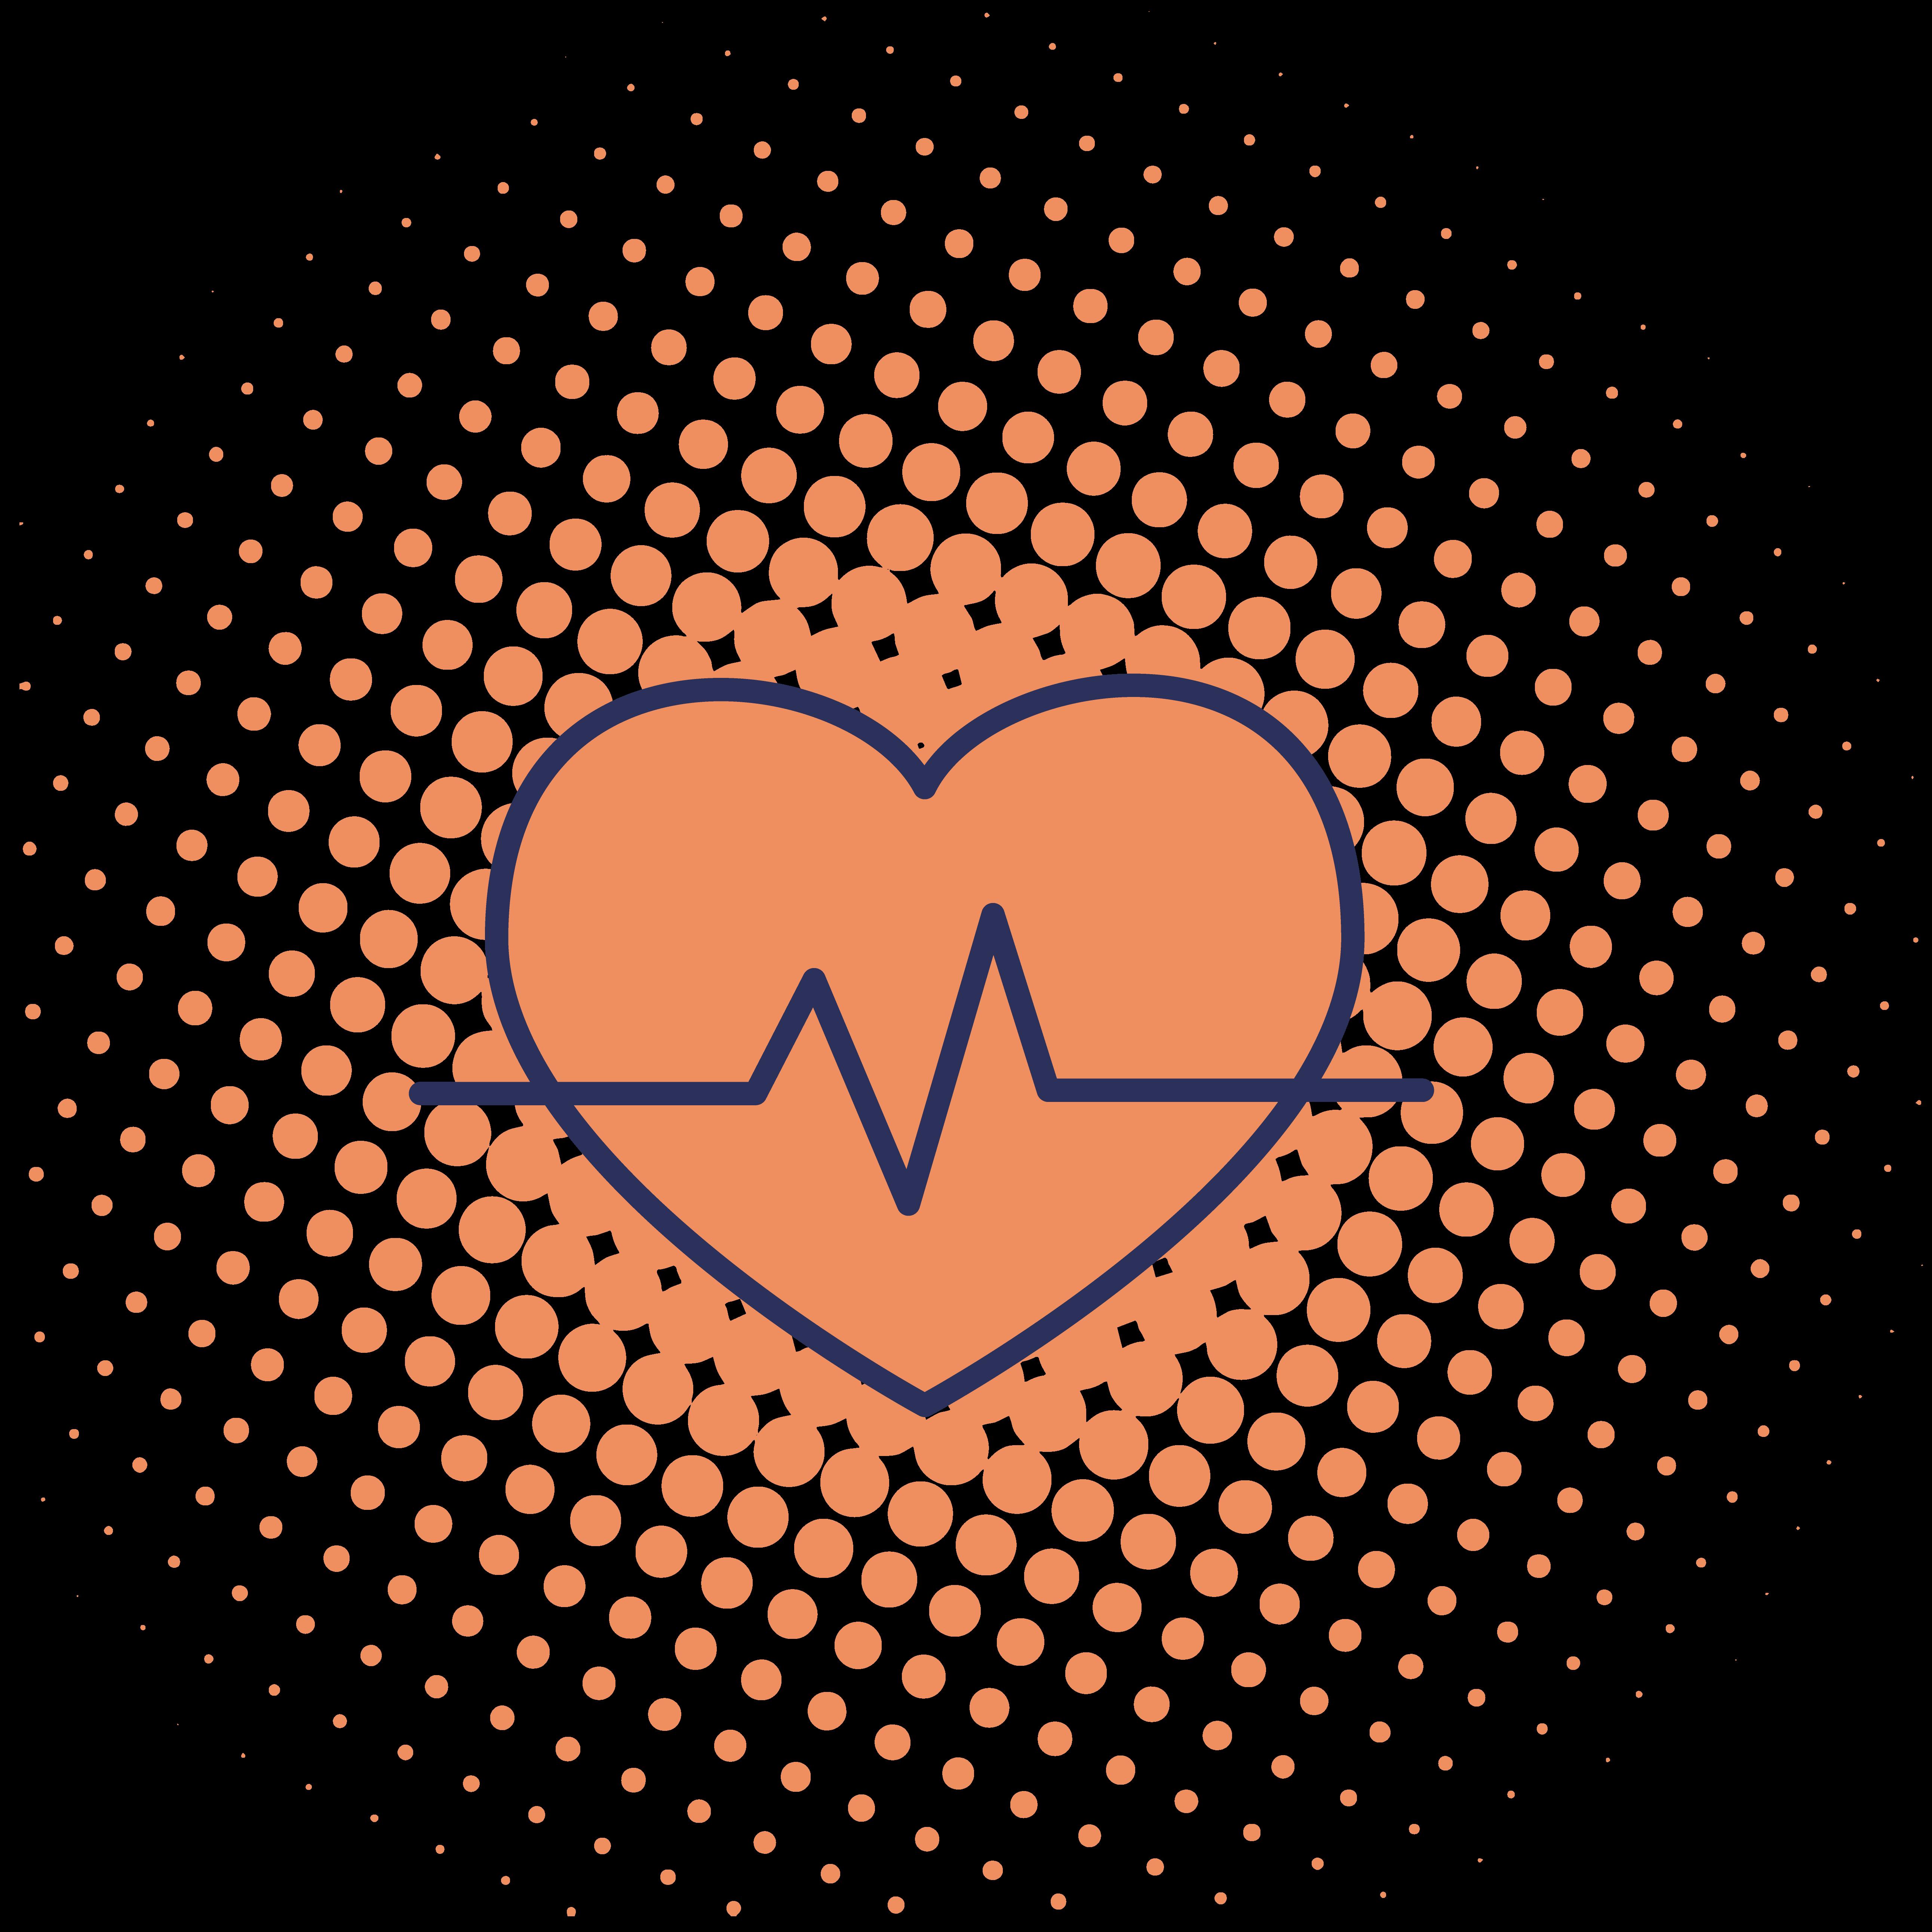 CardioIcon